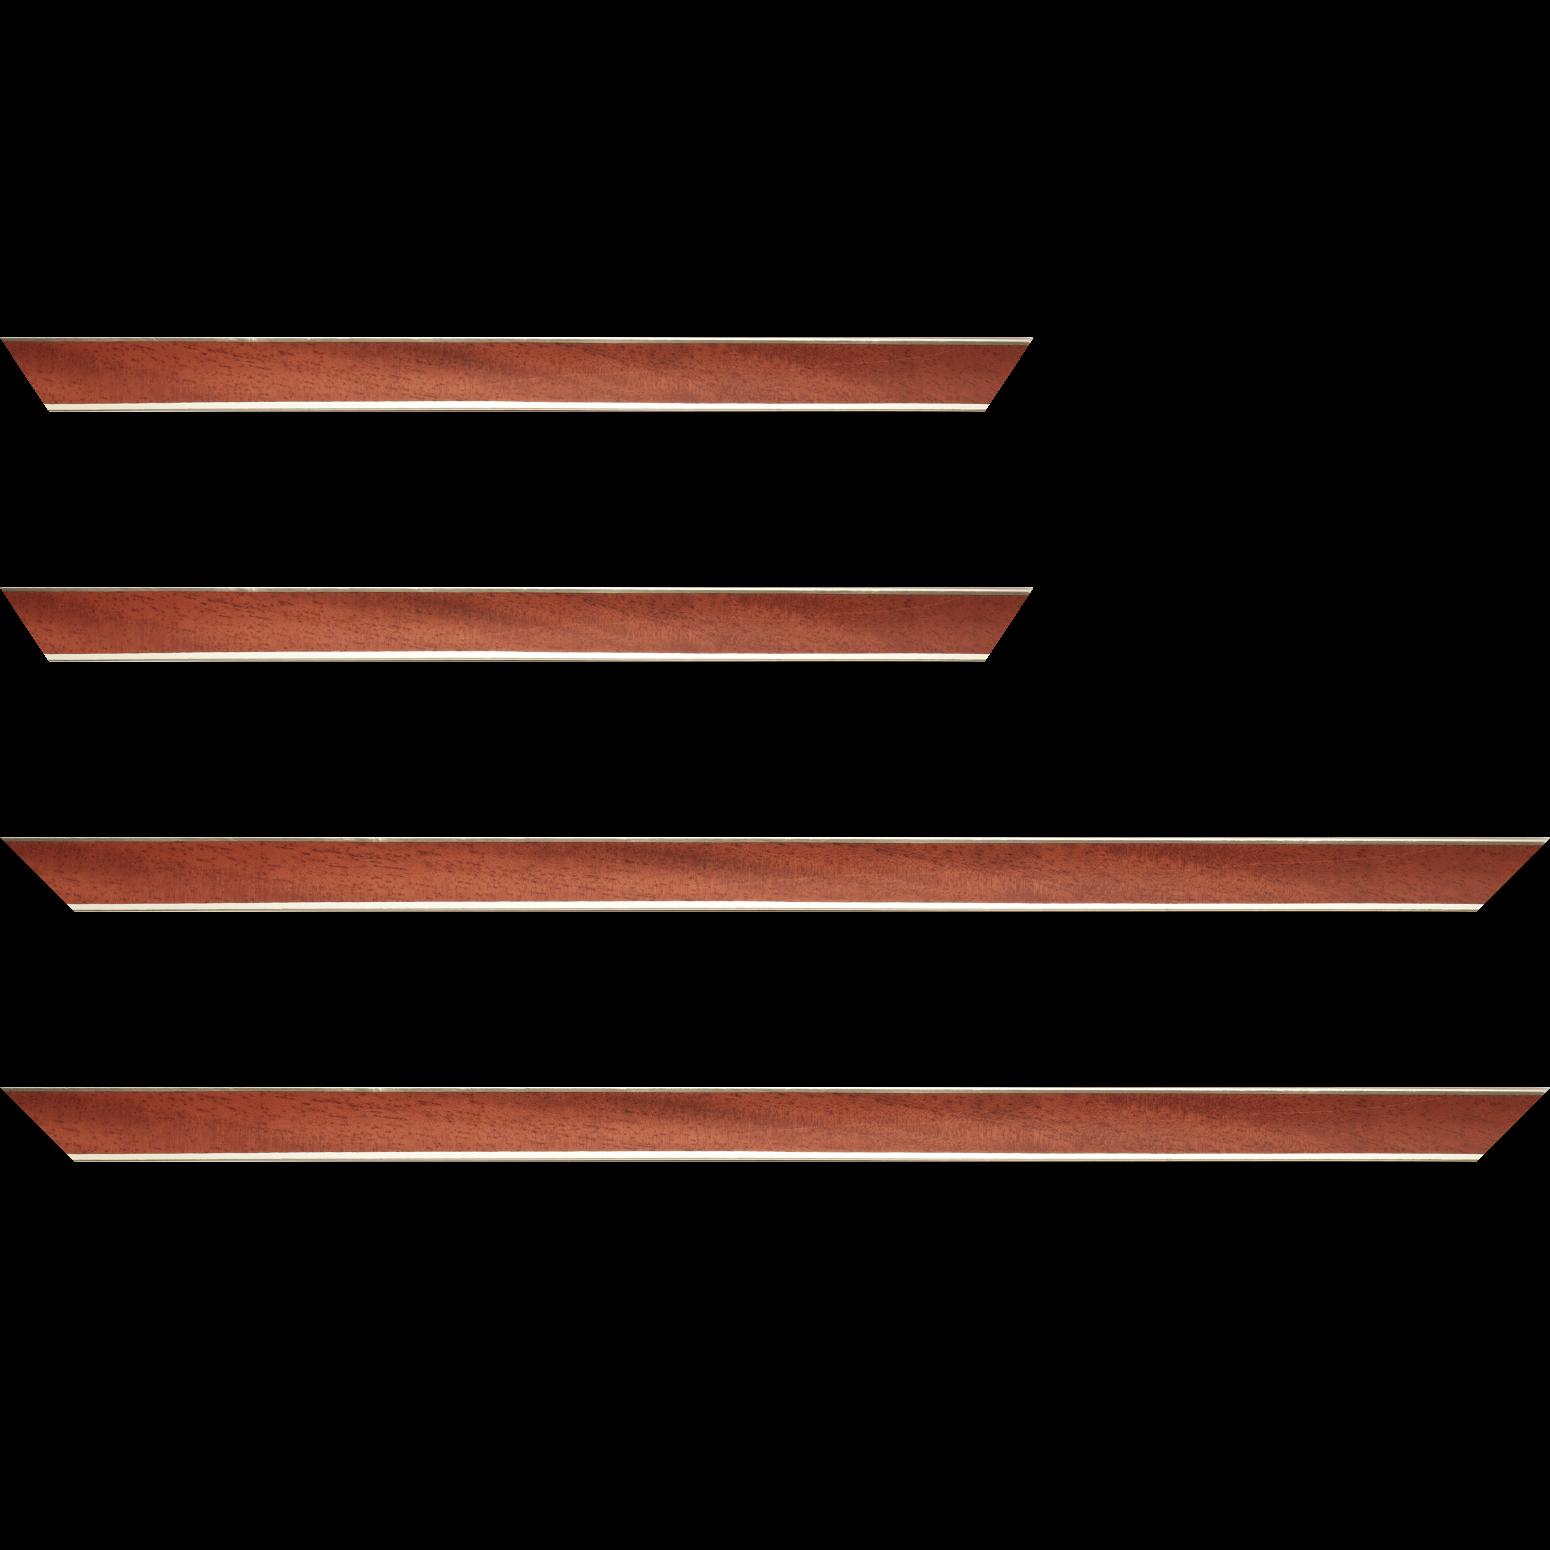 Baguette service précoupé Bois profil concave largeur 2.4cm couleur acajou  satiné  filet argent de chaque coté (pore du bois apparent)